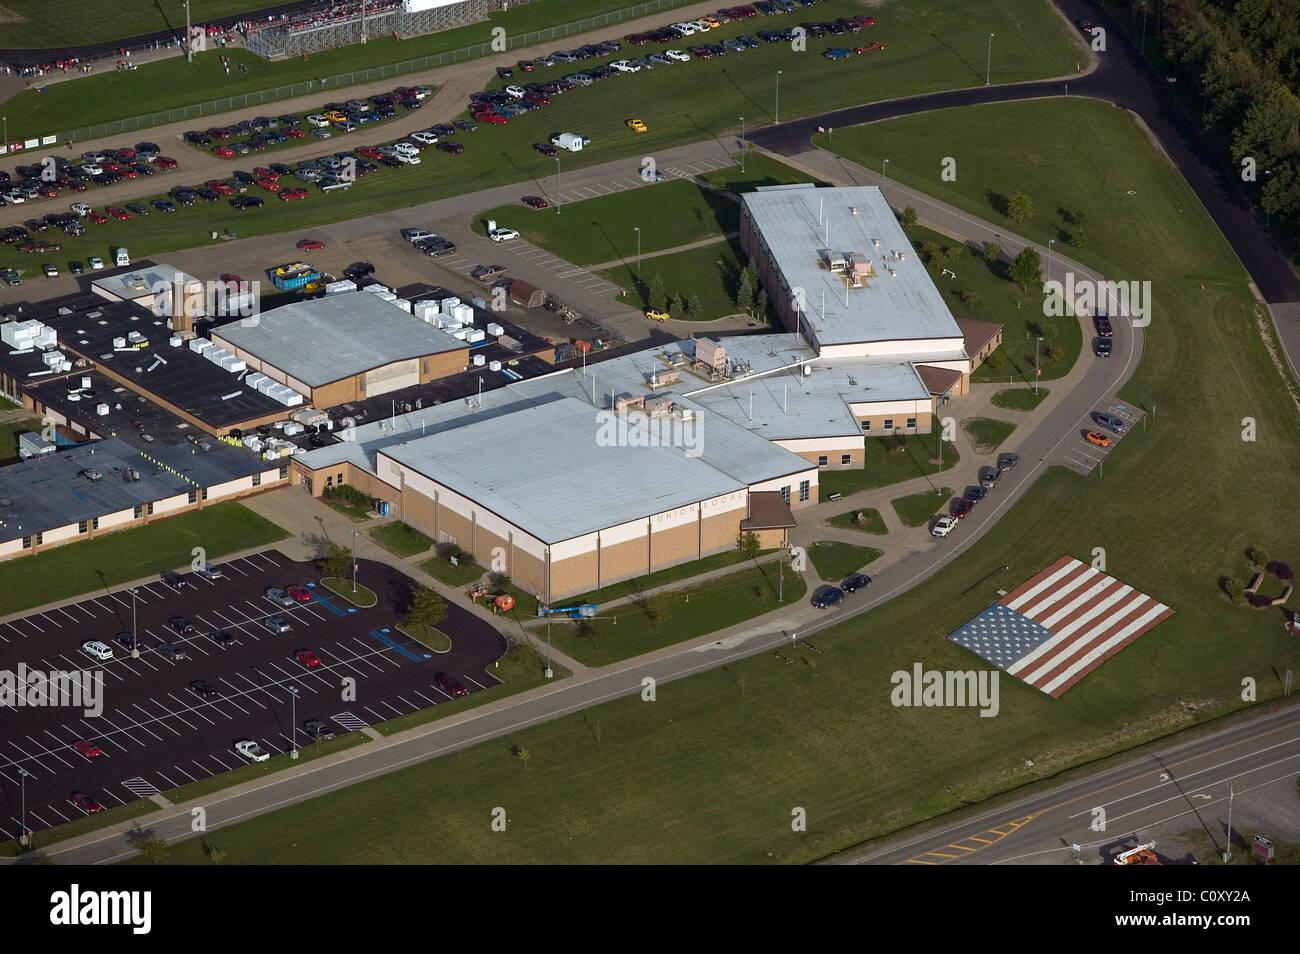 Vue aérienne au-dessus de bâtiments scolaires flag United States of America Photo Stock